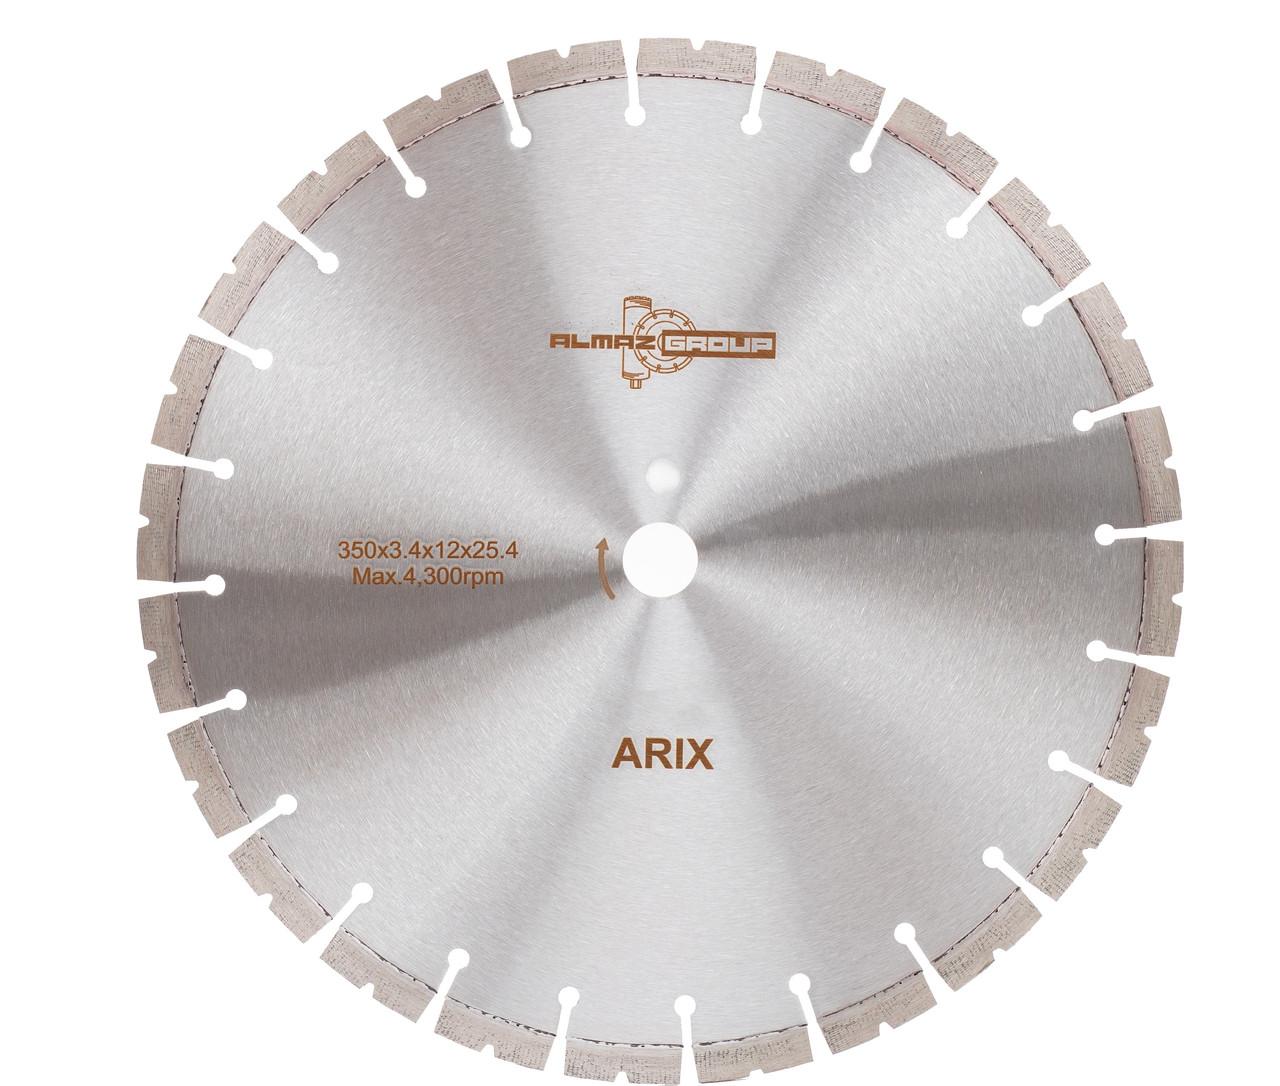 Алмазный диск ALMAZ GROUP  350 мм сегмент ARIX